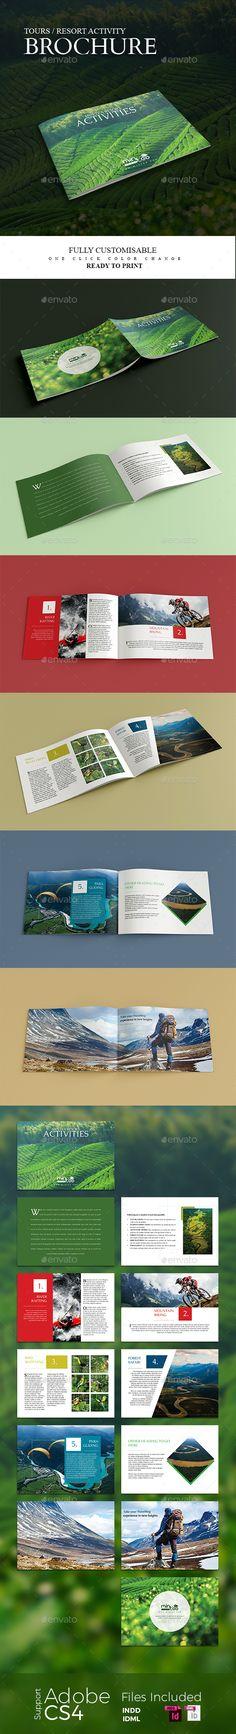 Tours Travels and Resort Activity Brochure - Informational Brochures Download here : https://graphicriver.net/item/tours-travels-and-resort-activity-brochure/19352974?s_rank=84&ref=Al-fatih